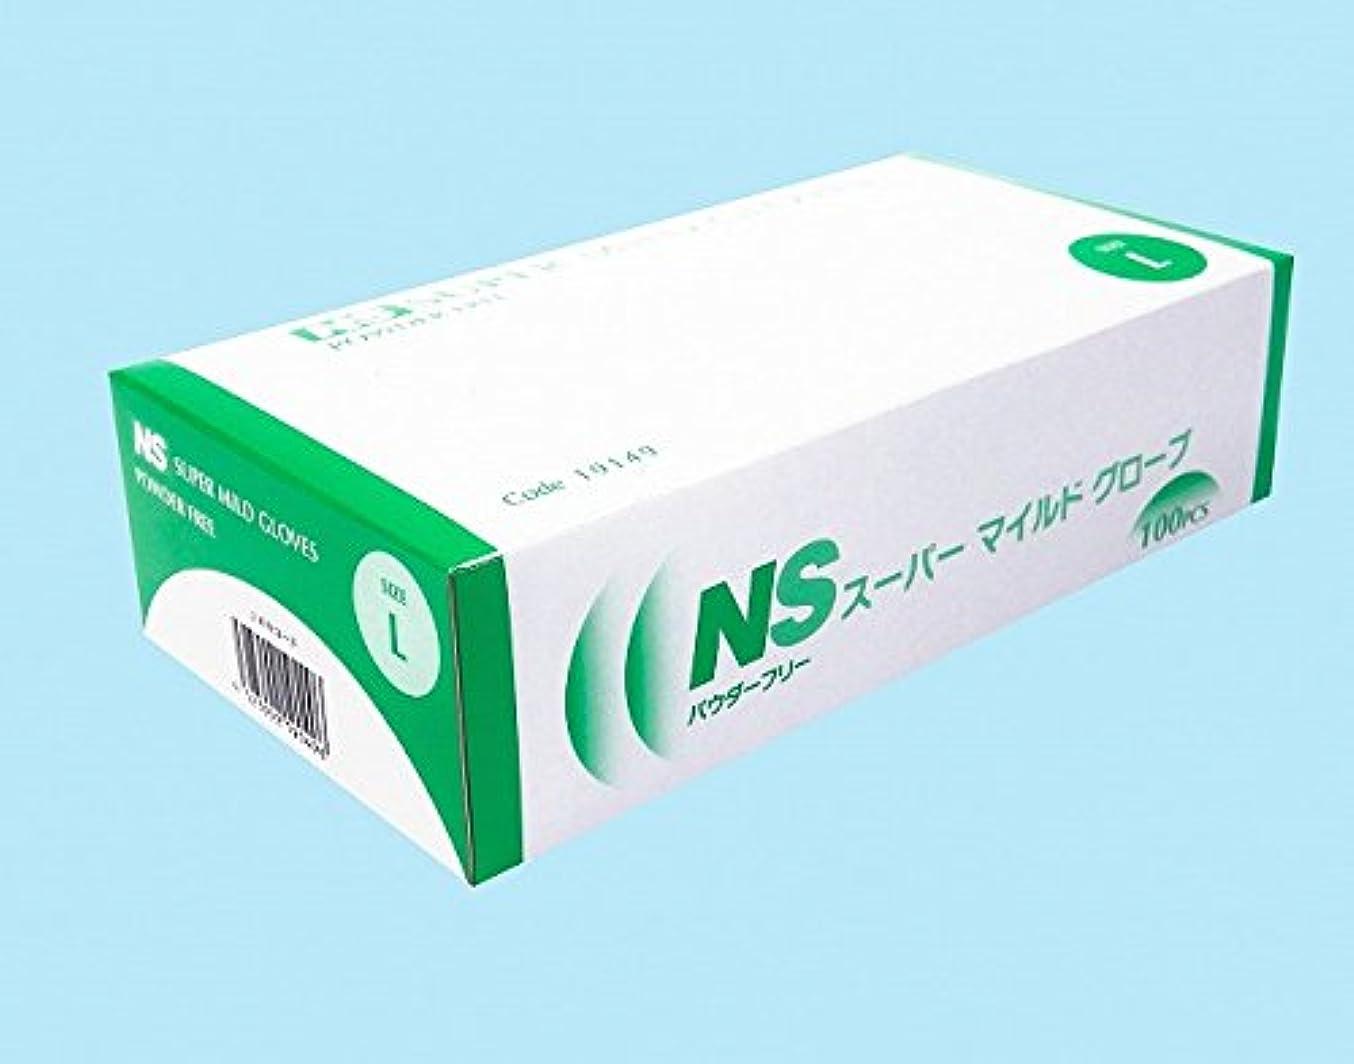 栄光奨学金クリエイティブ【日昭産業】NS スーパーマイルド プラスチック手袋 パウダーフリー L 100枚入り